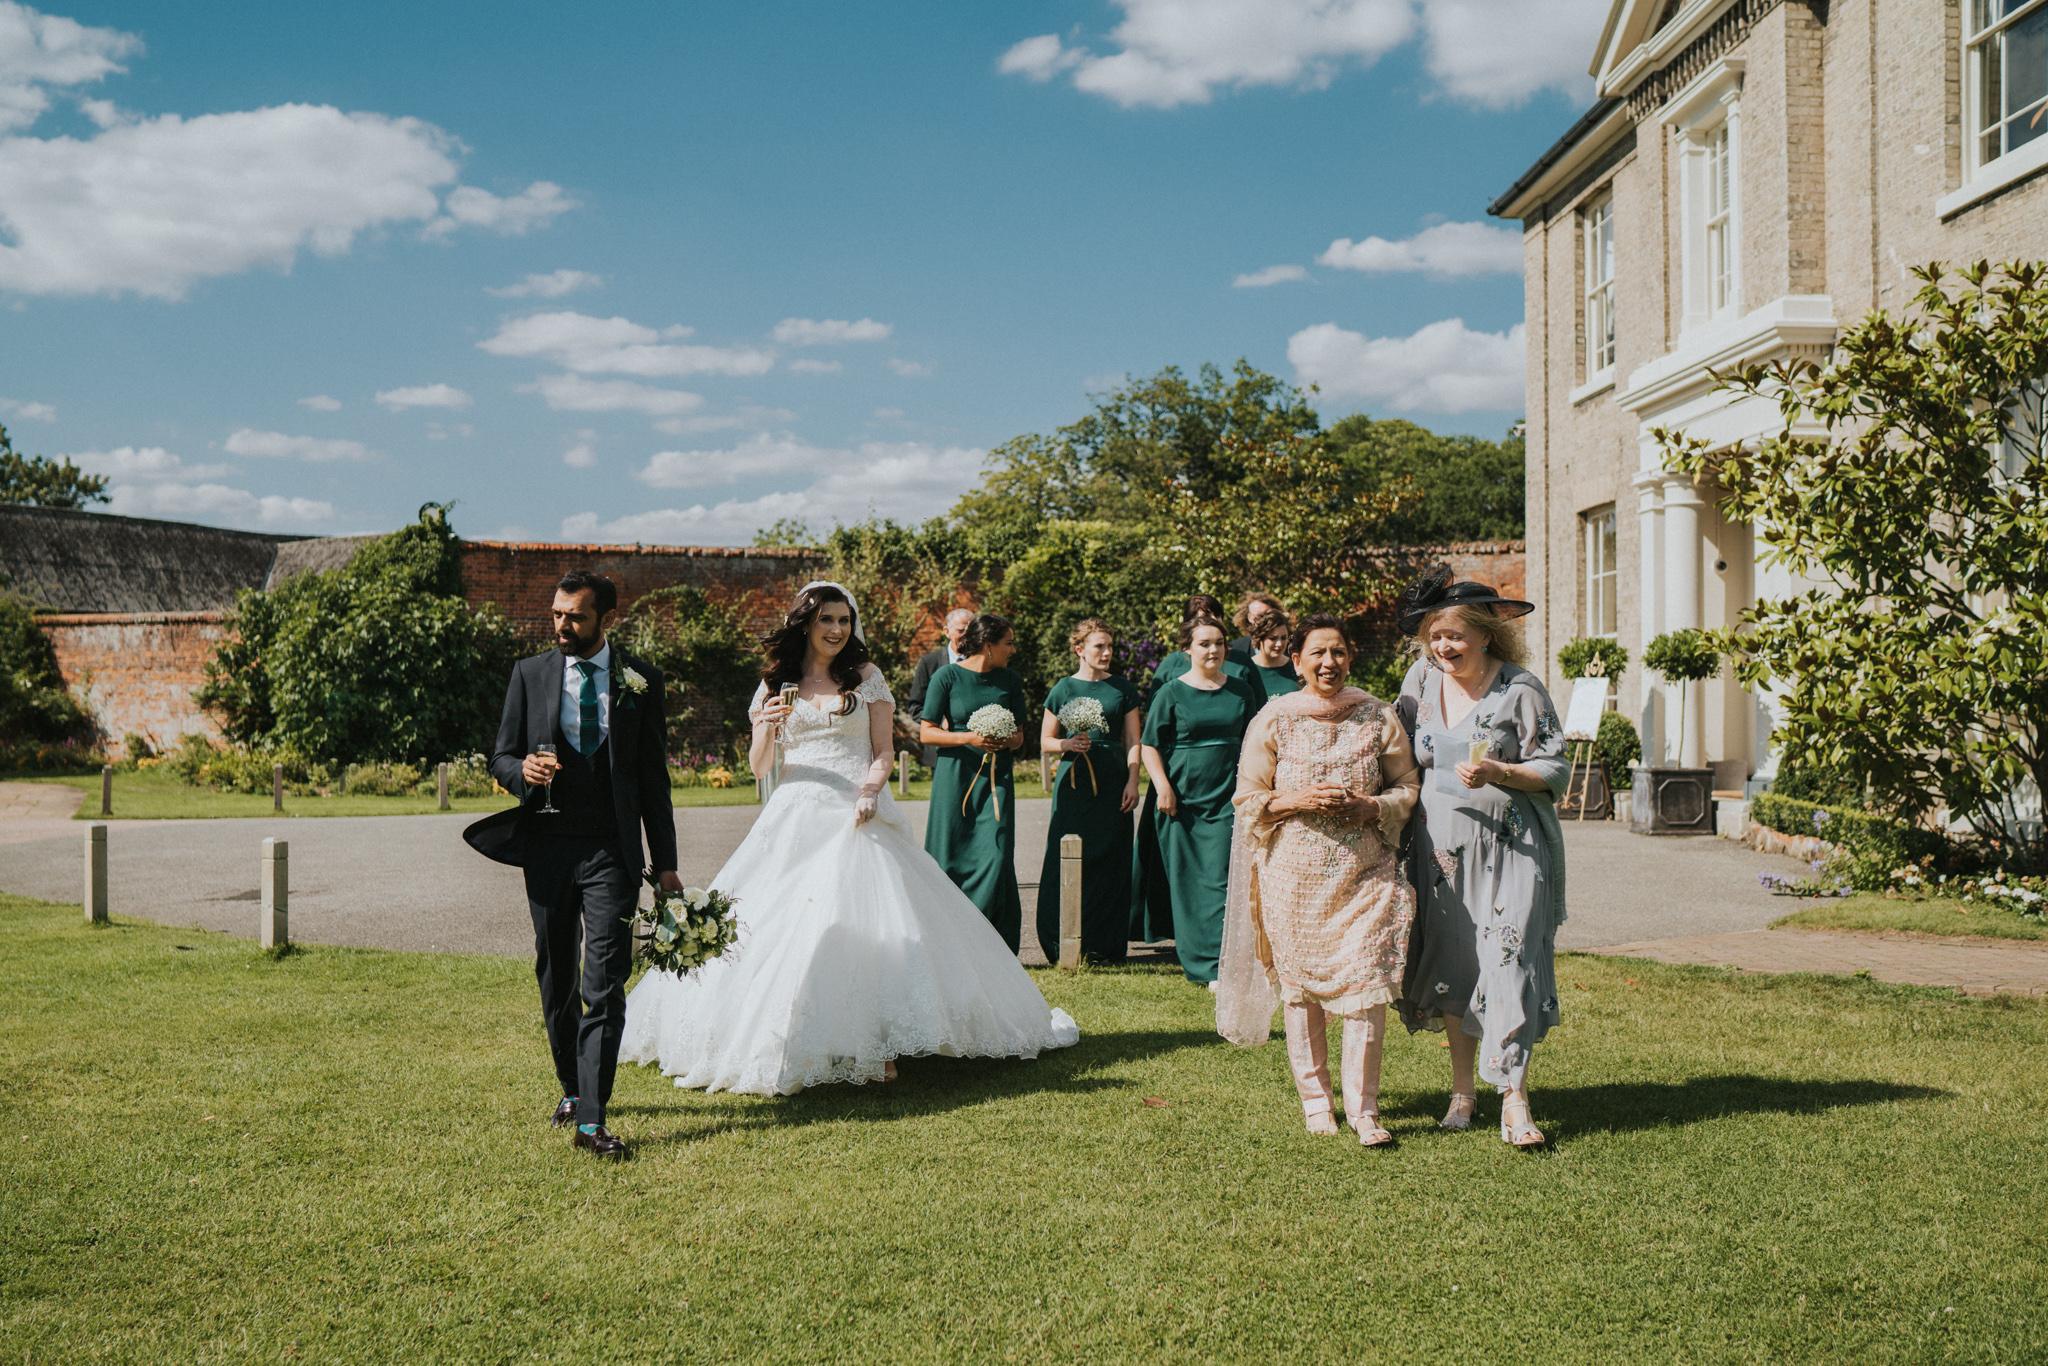 lizzie-faz-fennes-asian-fusion-wedding-grace-elizabeth-colchester-essex-alternative-wedding-lifestyle-photographer-essex-suffolk-norfolk-devon (32 of 55).jpg